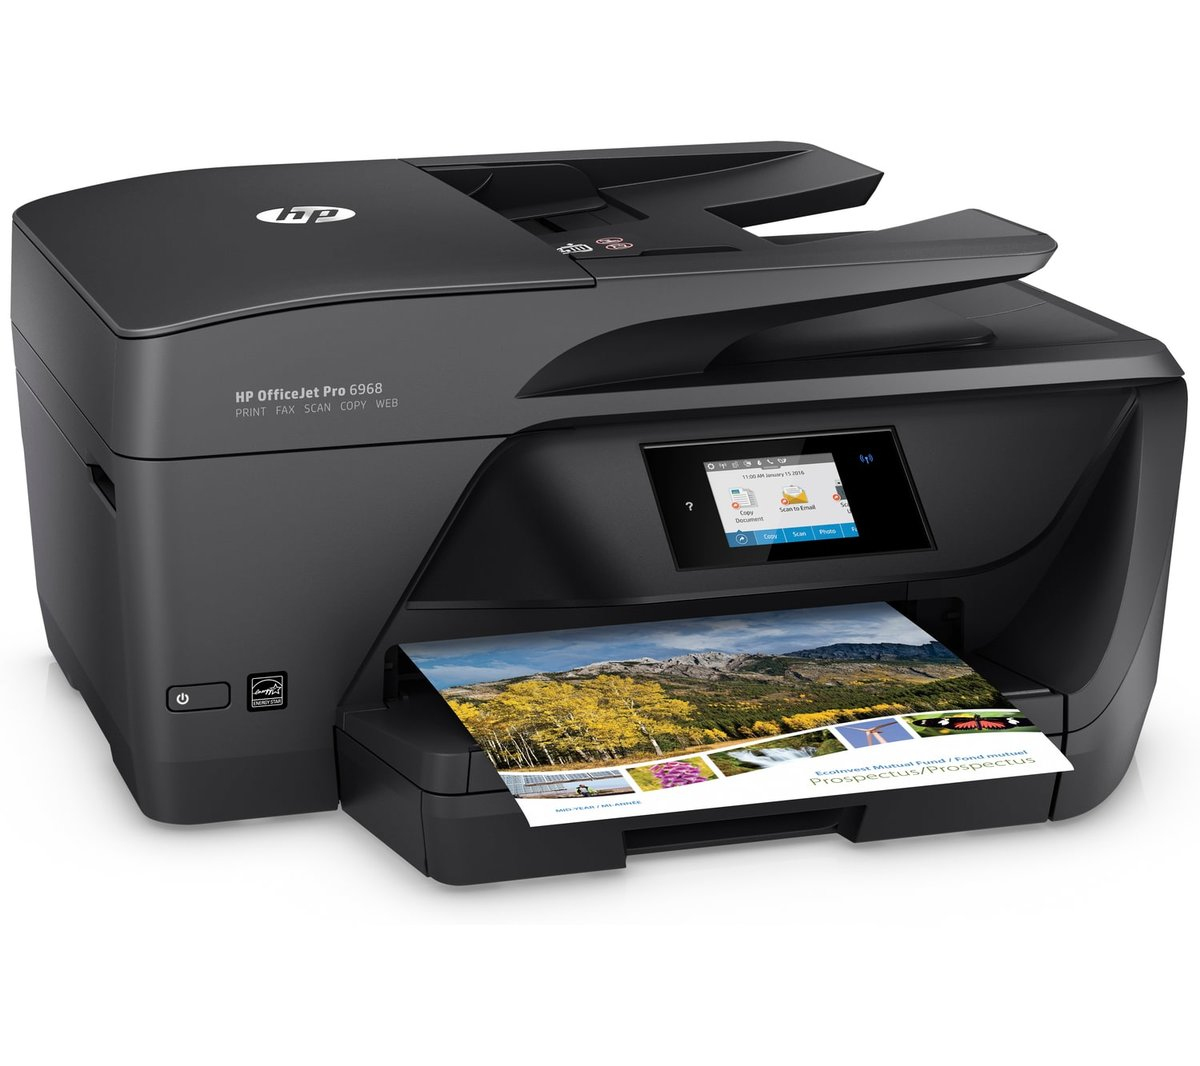 Hp Officejet Pro 6968 All In One Inkjet Printer Staples